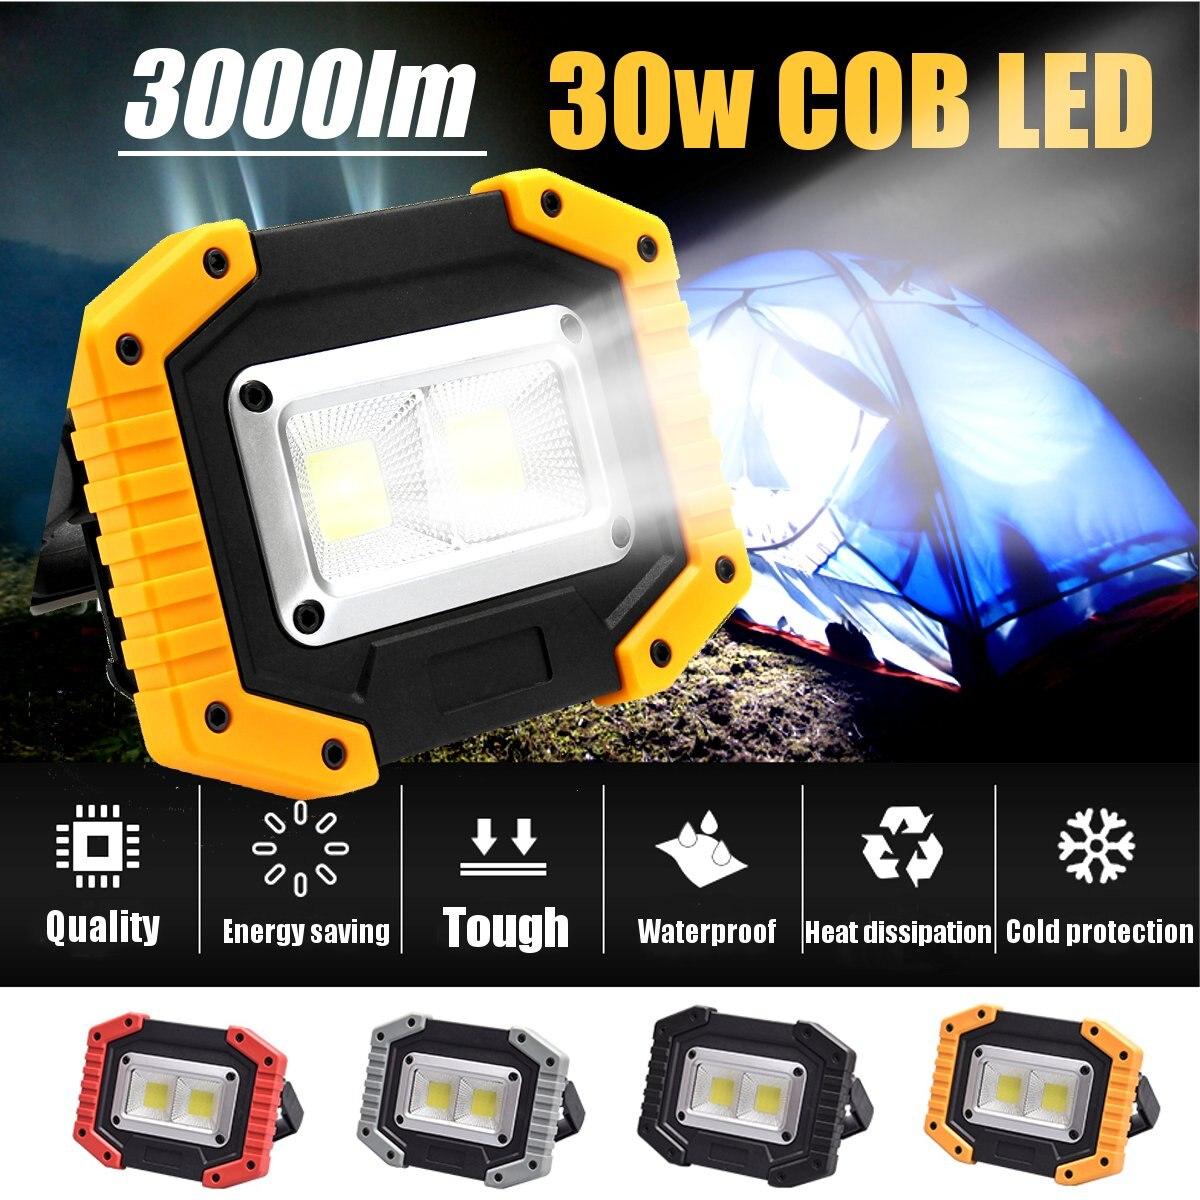 2 COB 30W 3000LM قابلة للشحن LED الفيضانات أضواء المحمولة للماء IP65 ل في الهواء الطلق التخييم المشي لمسافات طويلة الطوارئ سيارة إصلاح